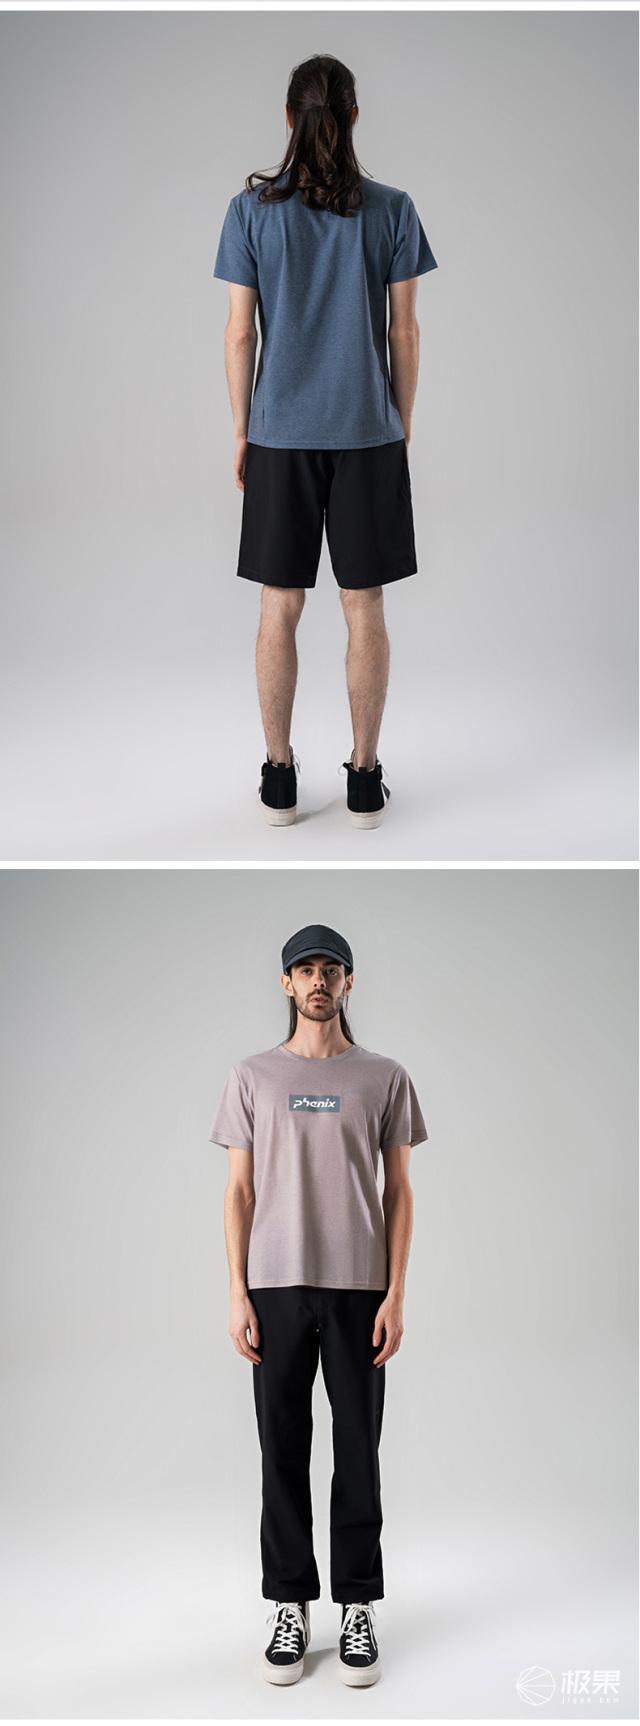 凤凰(phenix)魔力消臭速干T恤